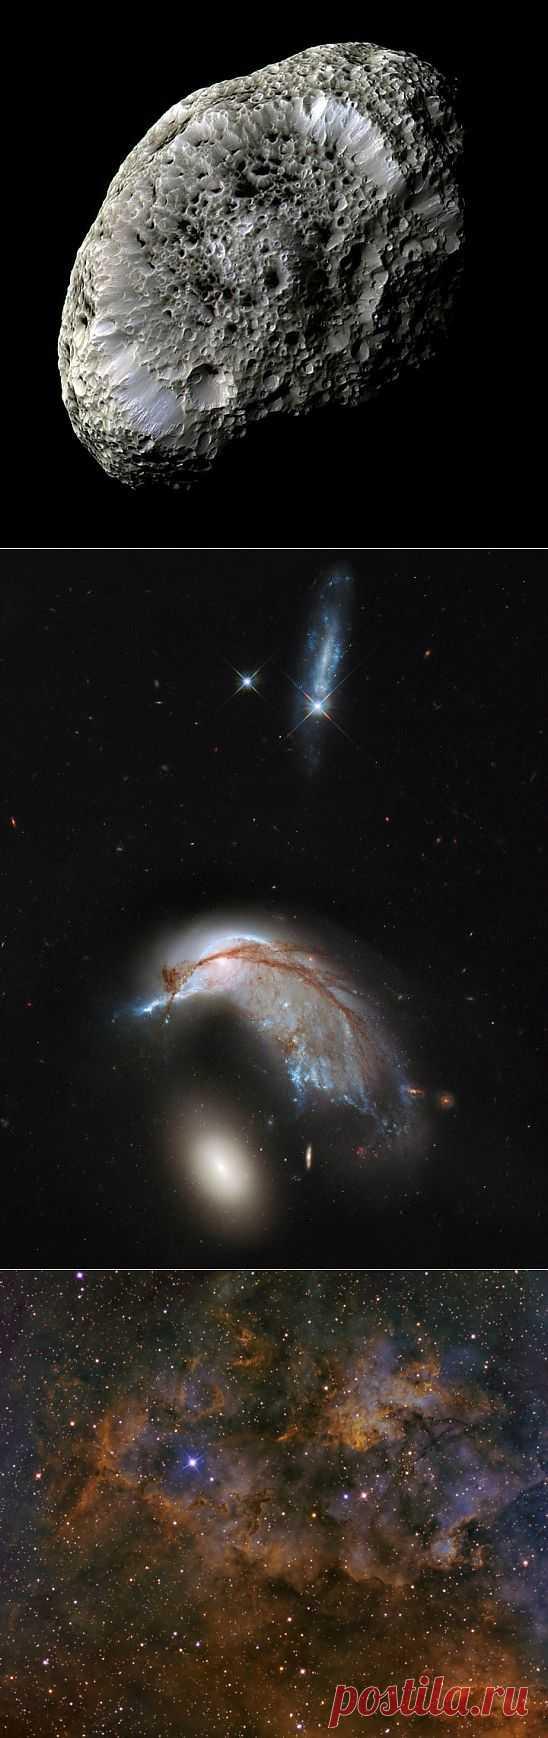 (+1) - Лучшие фотографии космоса за месяц | Наука и техника